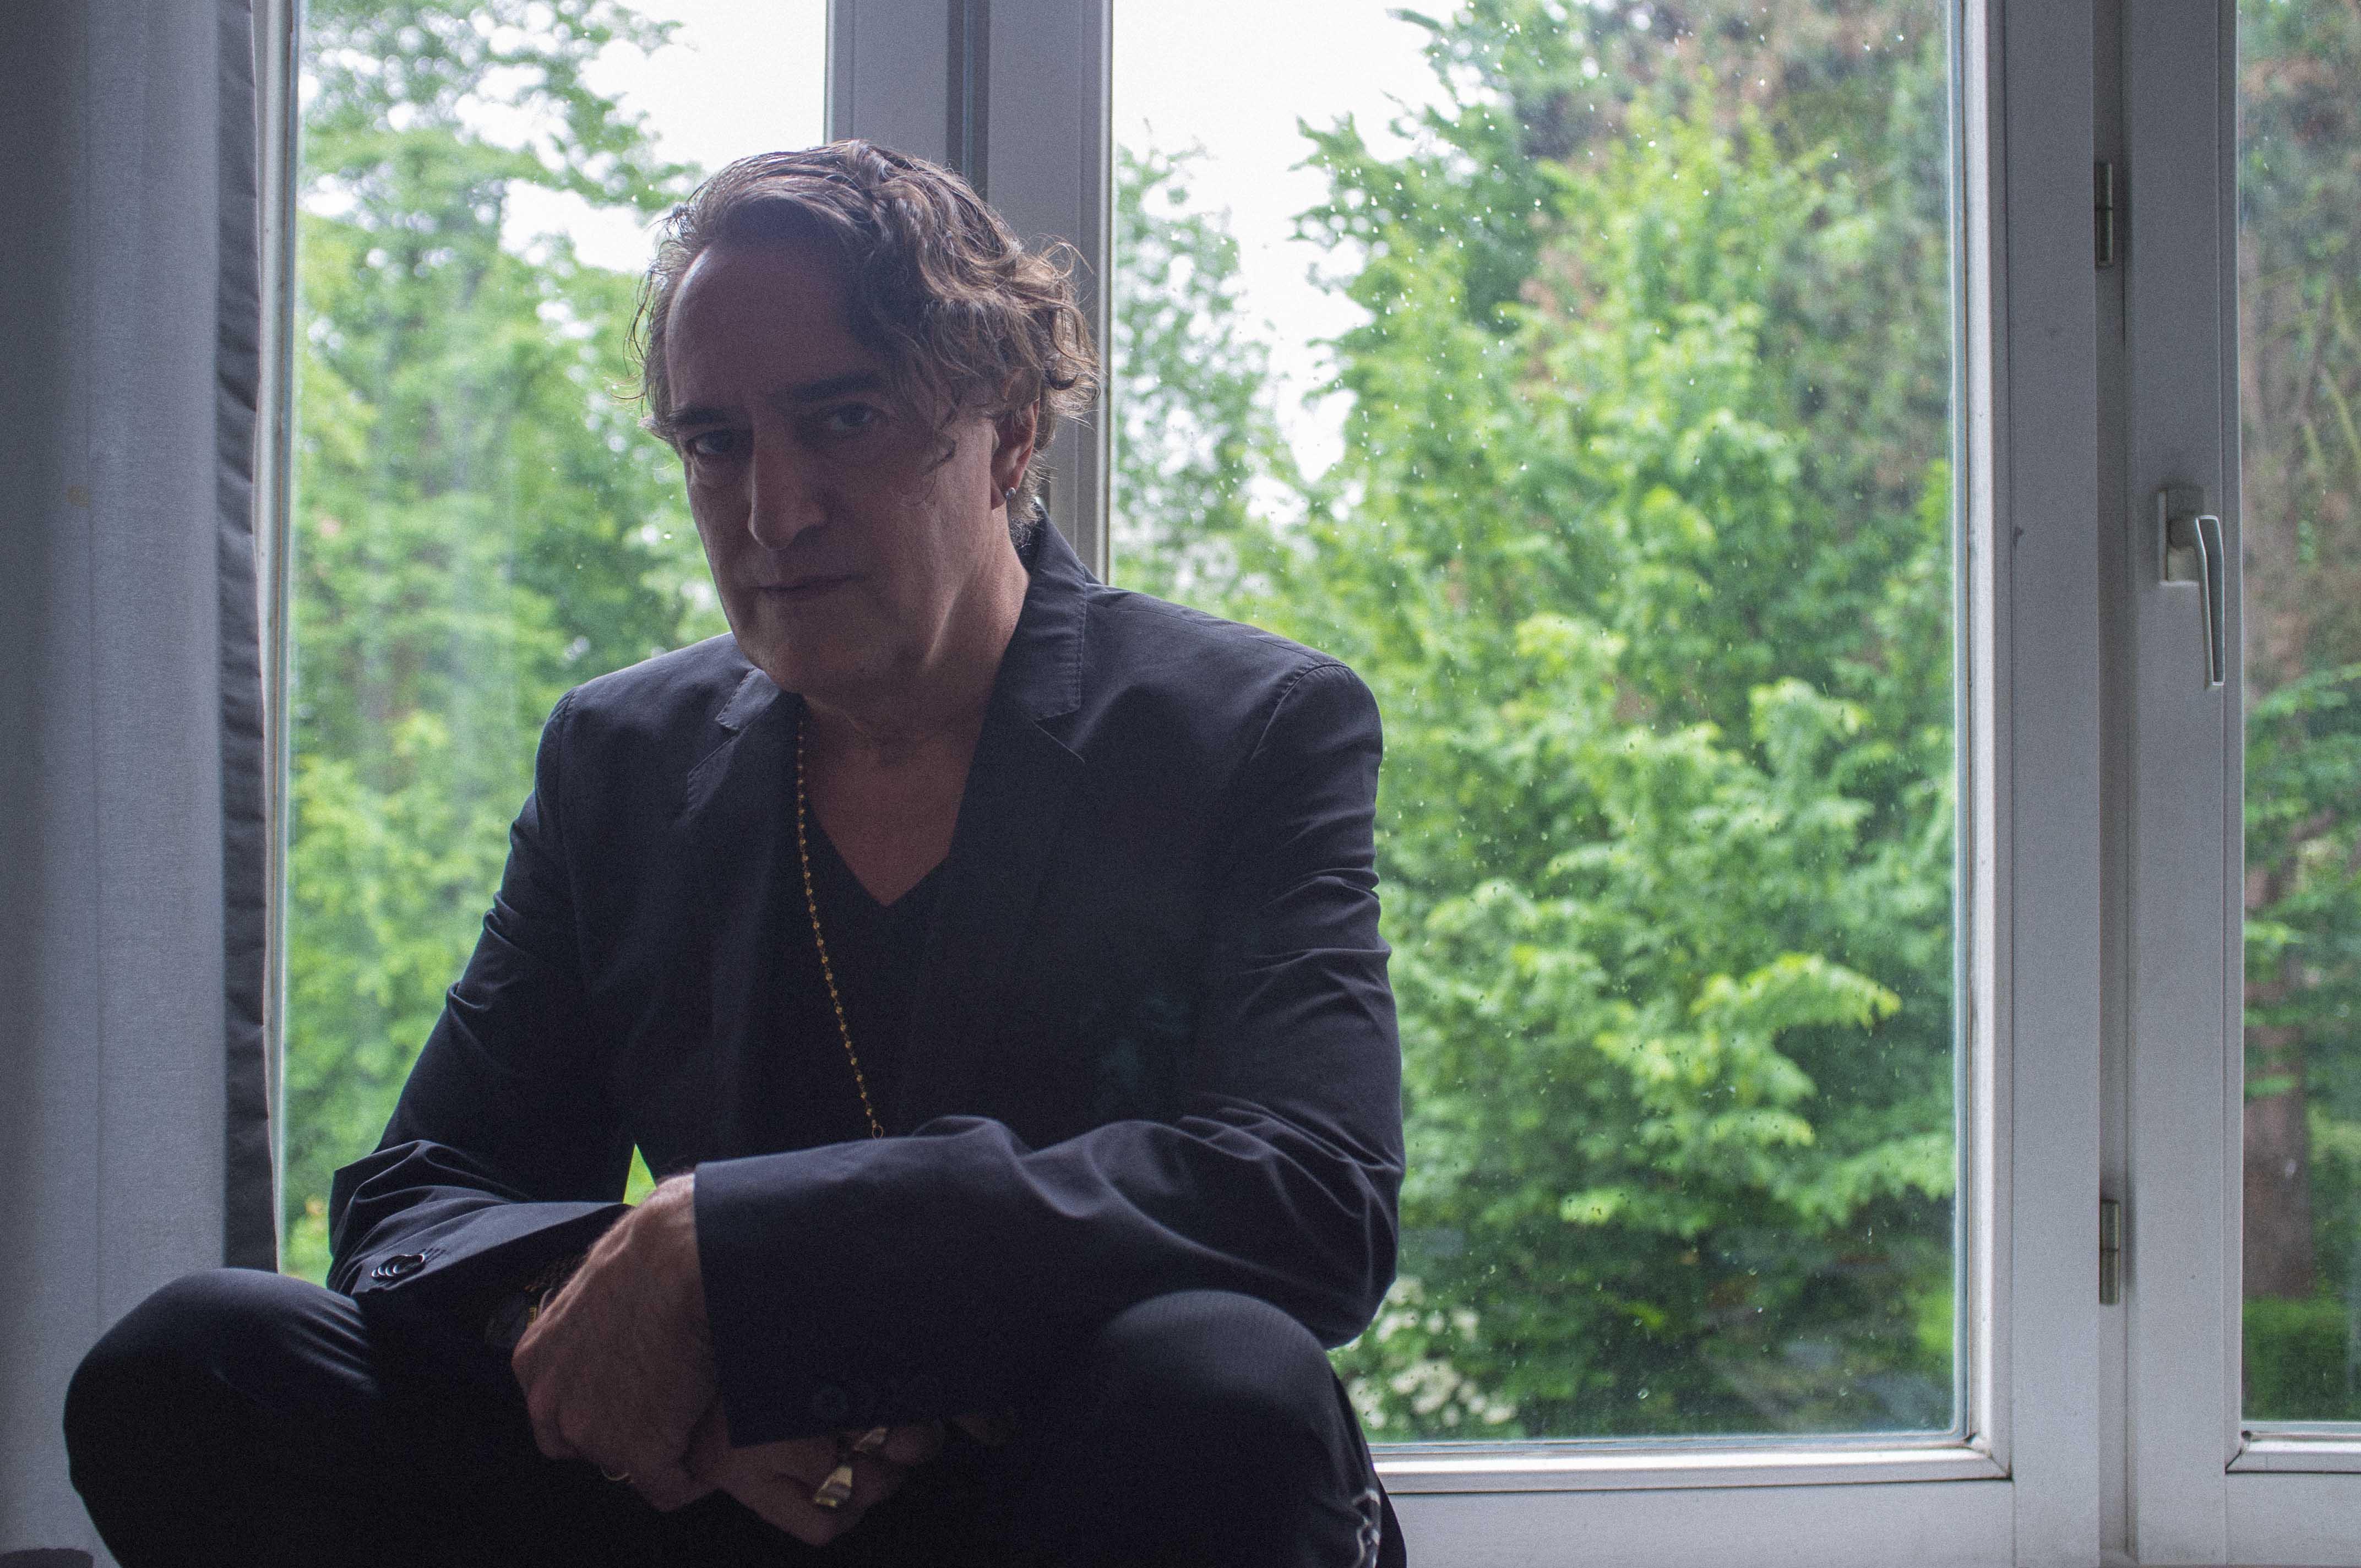 Professor Reinhard von der Thannen